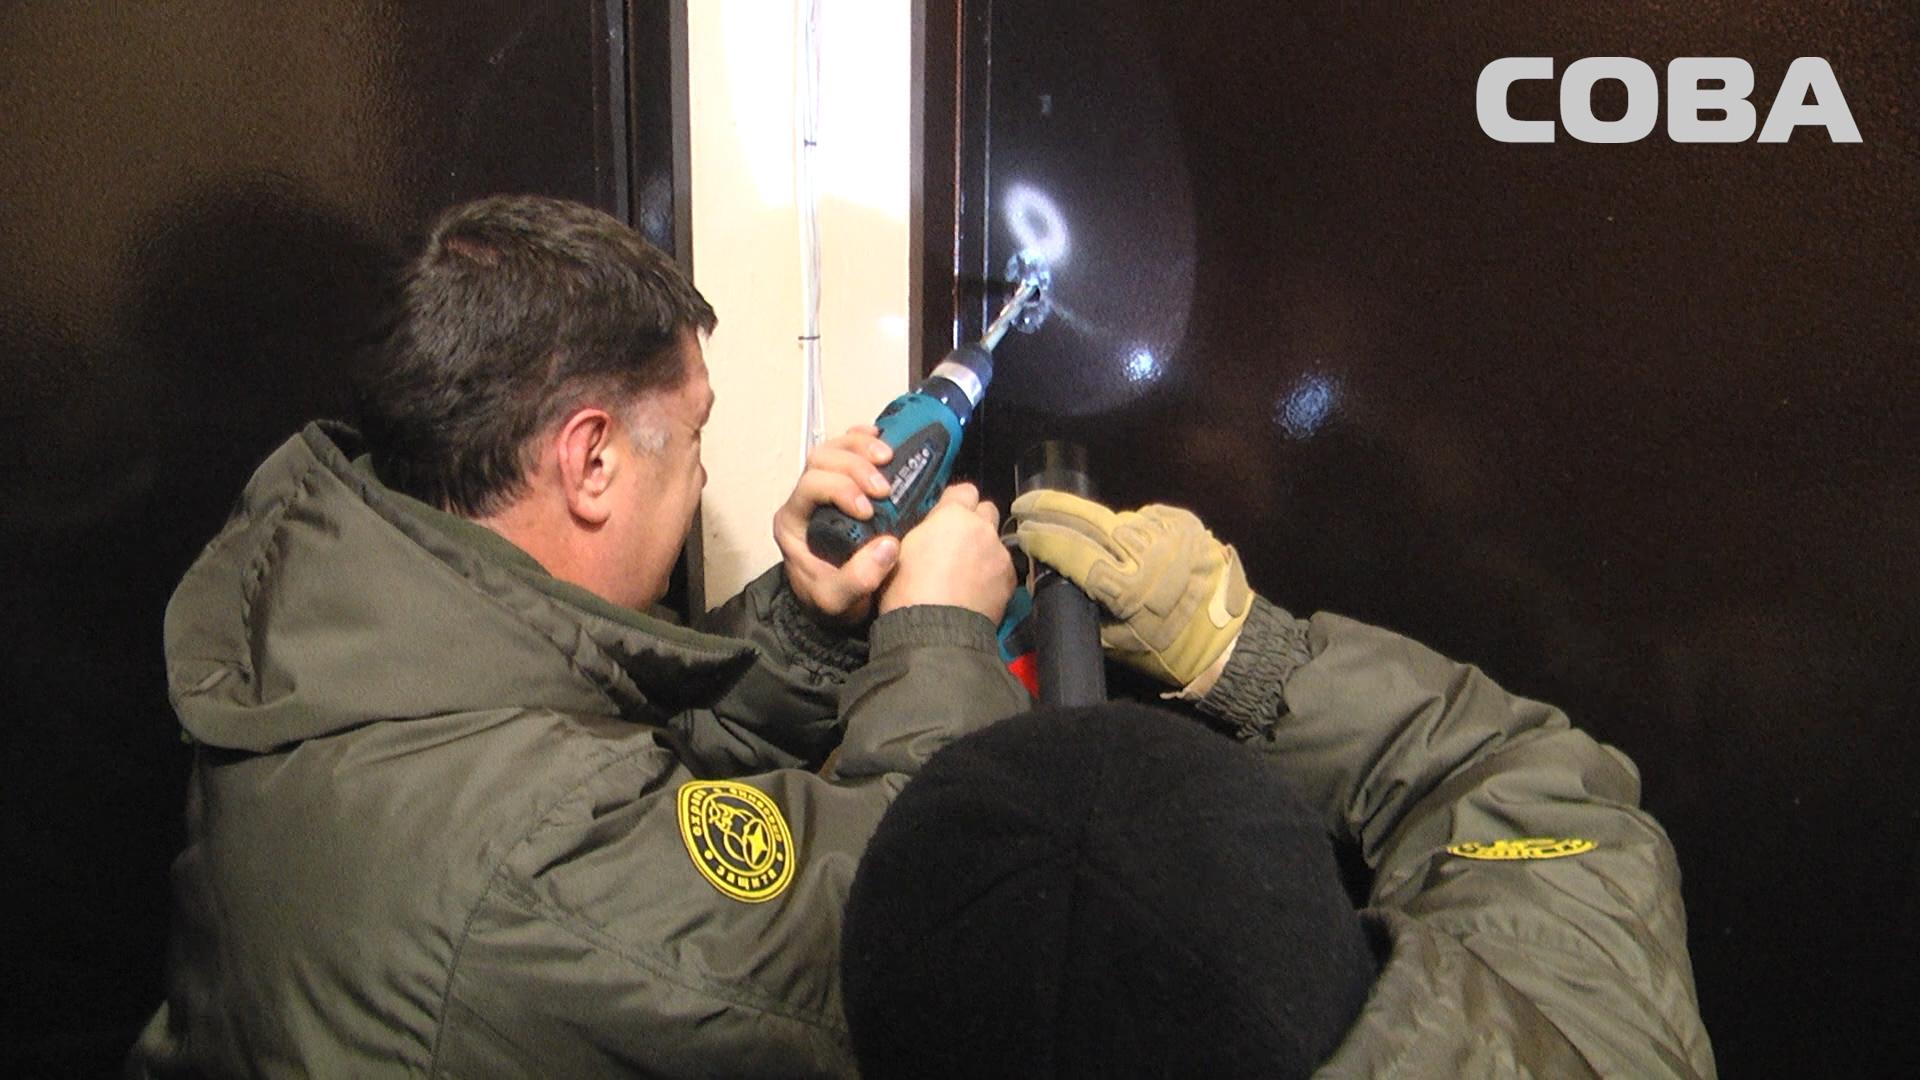 ВЕкатеринбурге двухлетний ребенок закрылся отмамы вквартире